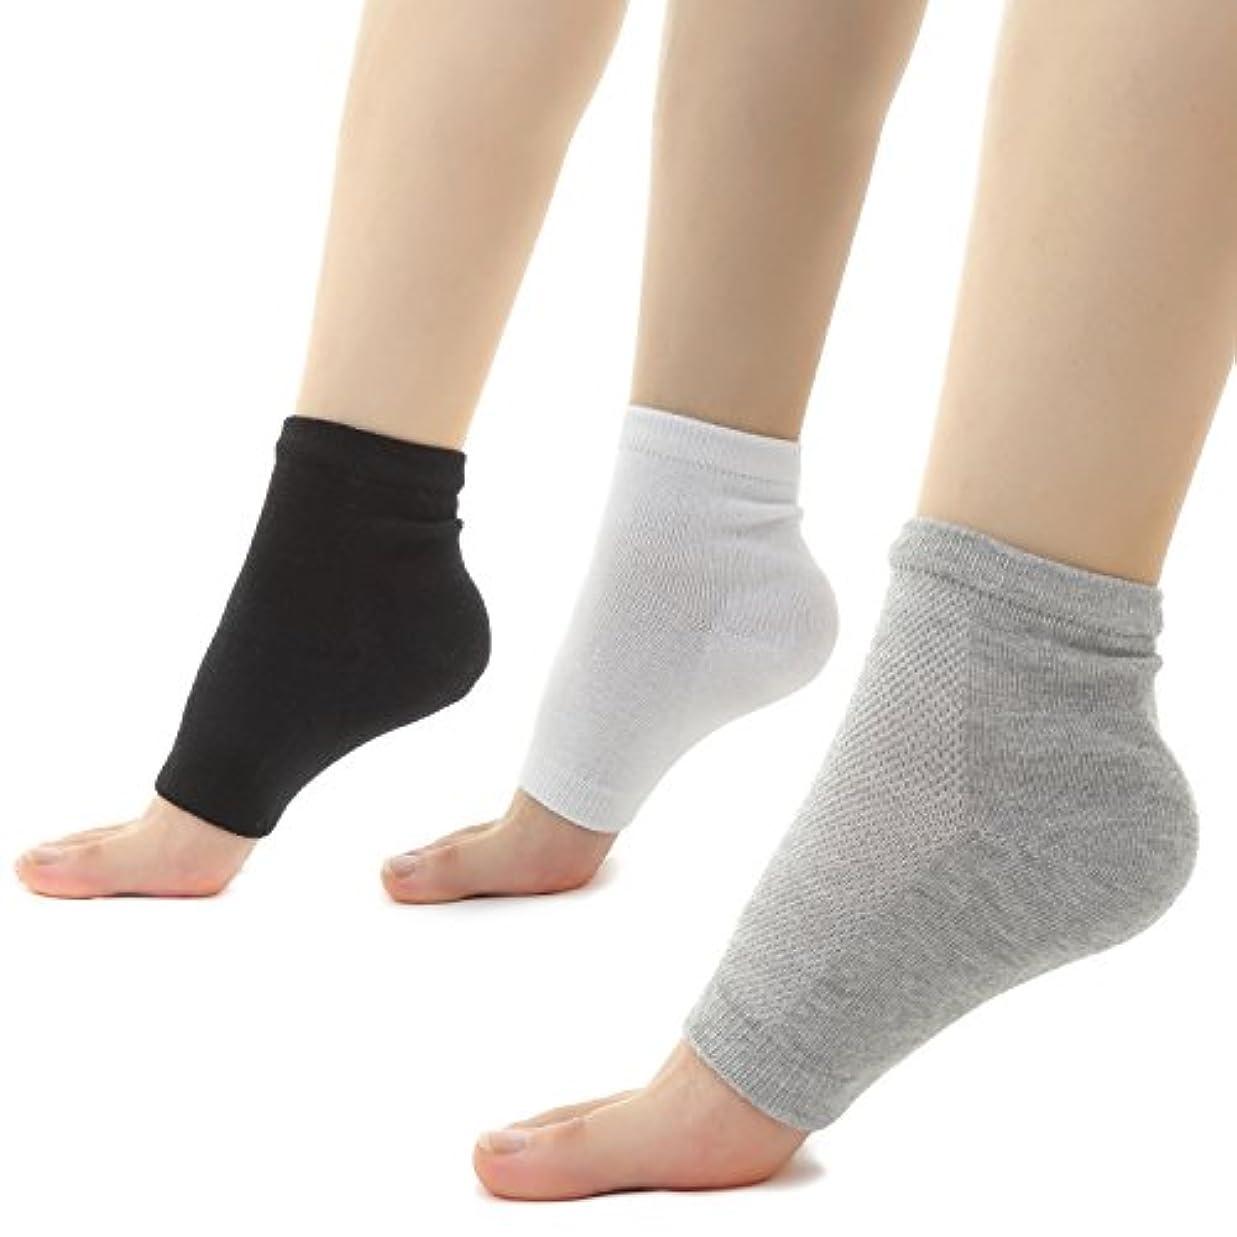 平凡全員厚さMuiles かかと 靴下 ソックス 角質取り 保湿 ひび割れ かかとケア レディース メンズ【1足~3足セット】(1足 ホワイト)